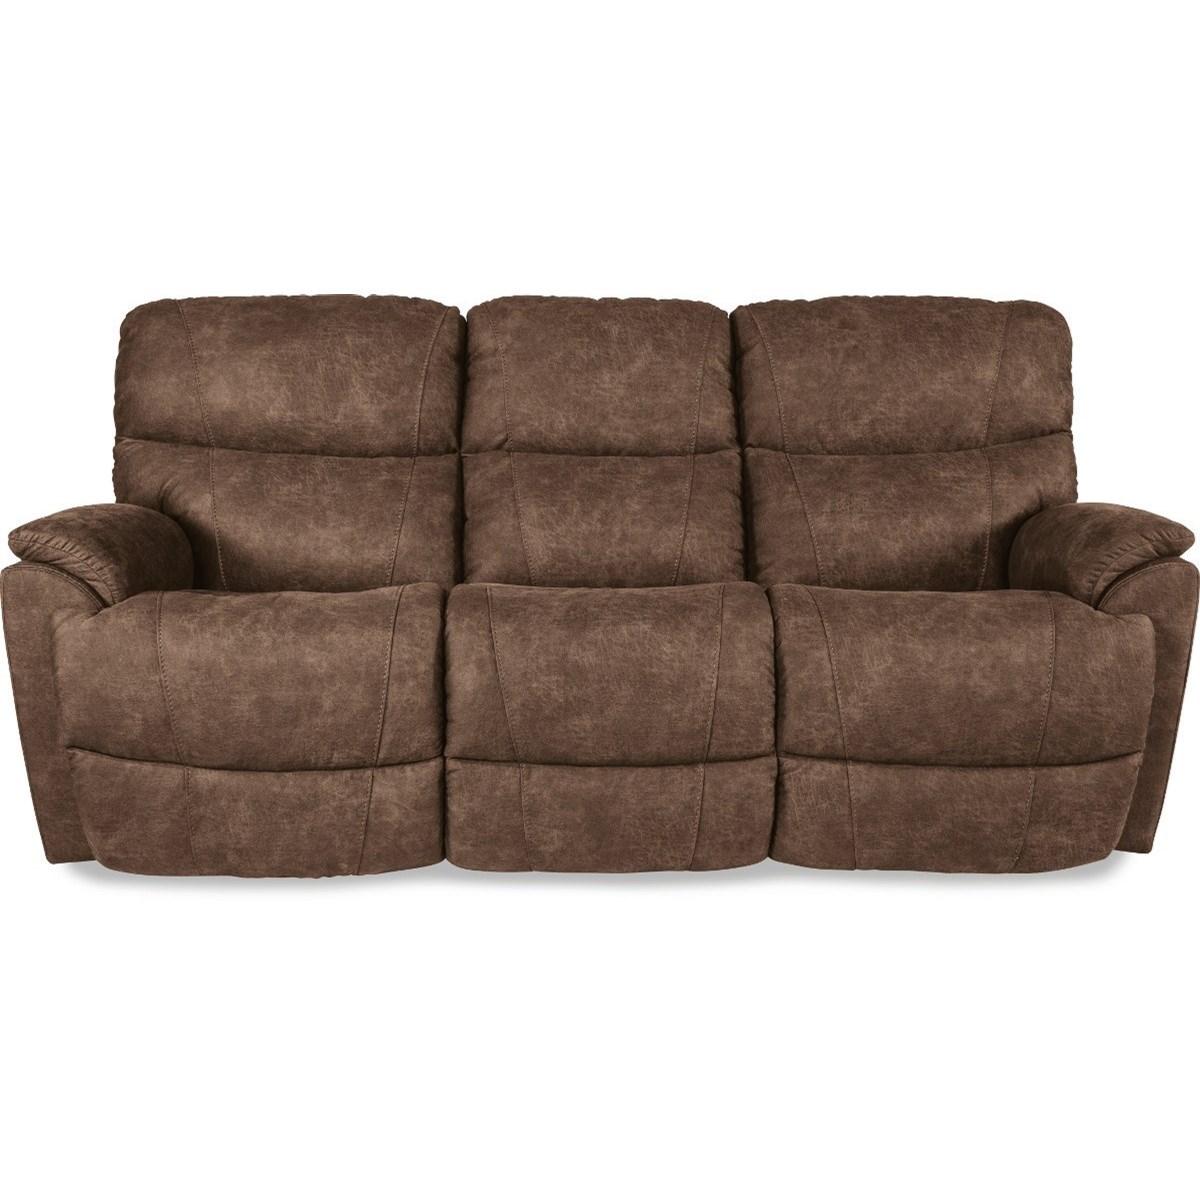 La-Z-Boy TrouperPower La-Z-Time Full Reclining Sofa ...